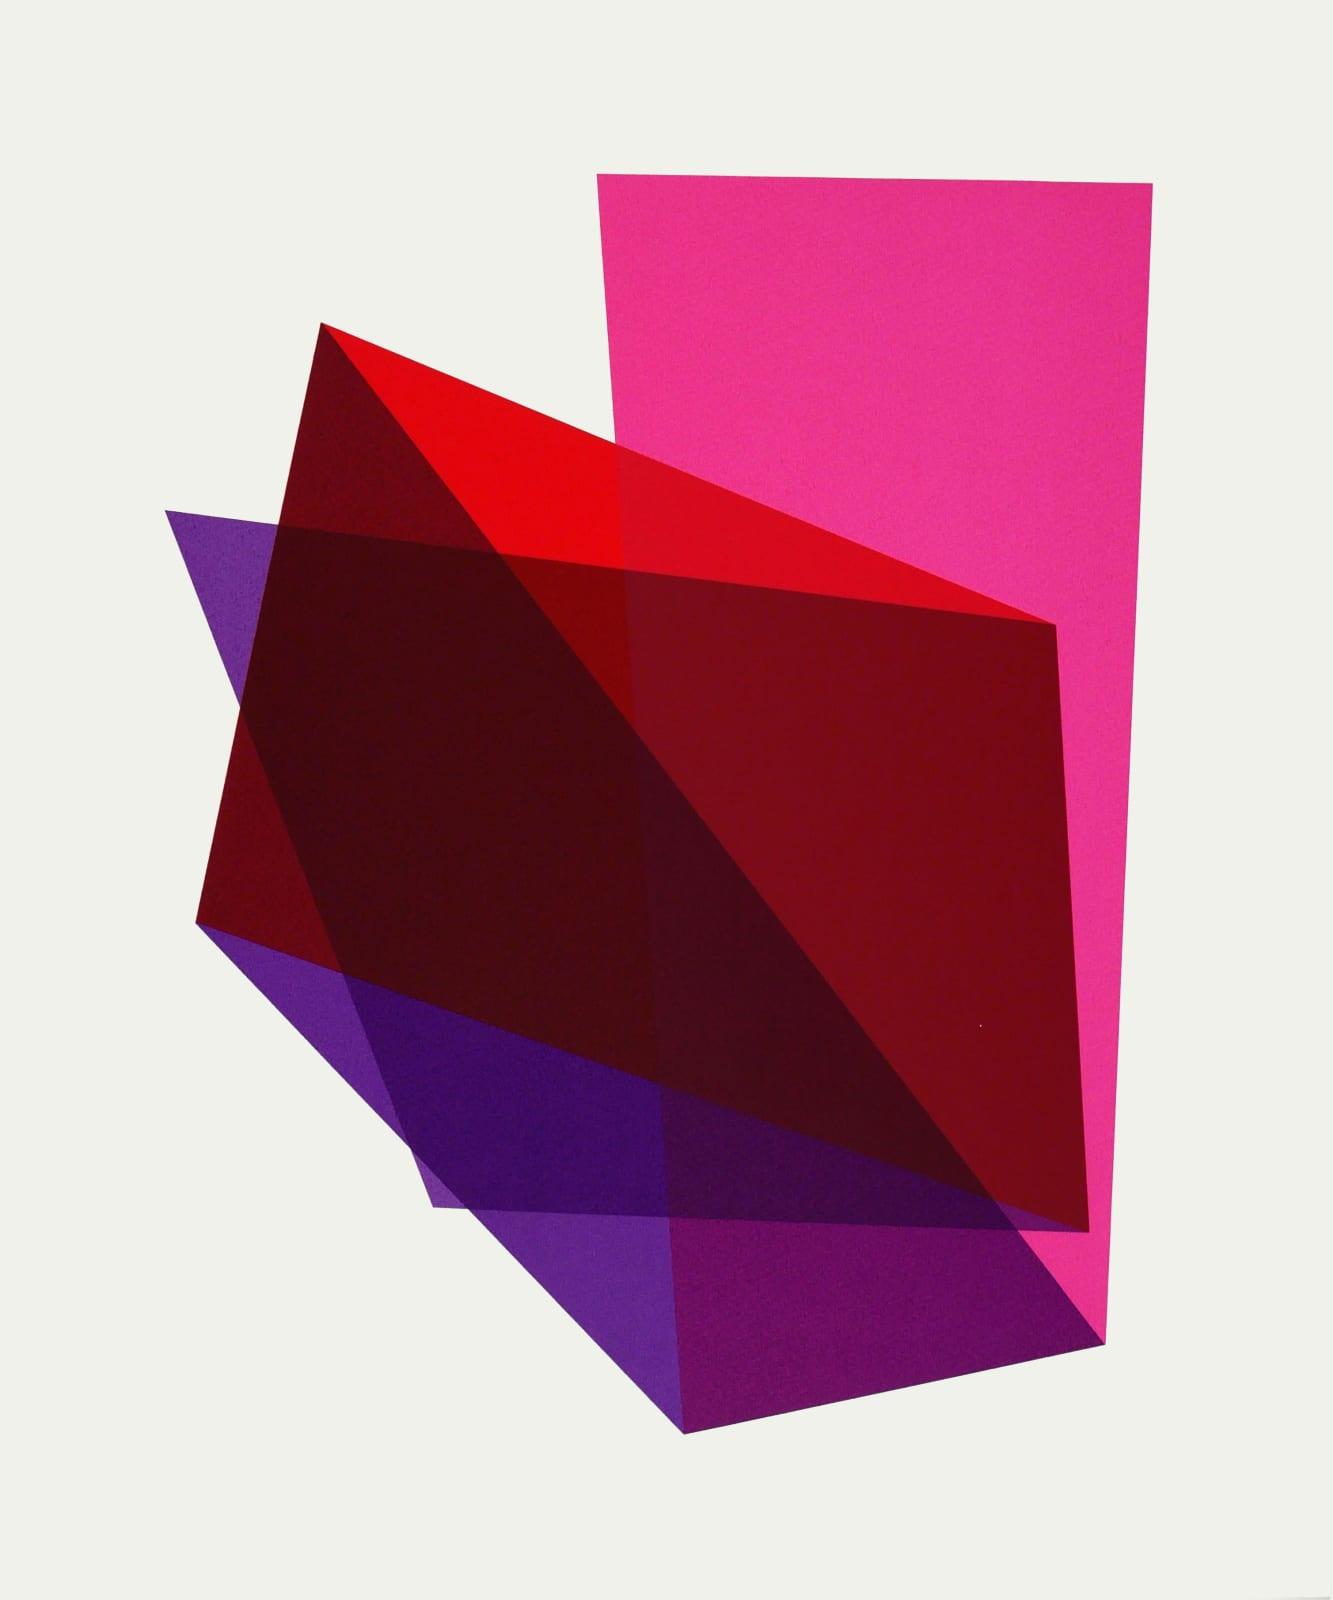 Willard Boepple, 'Quartet' 15.3.19.G, 2019